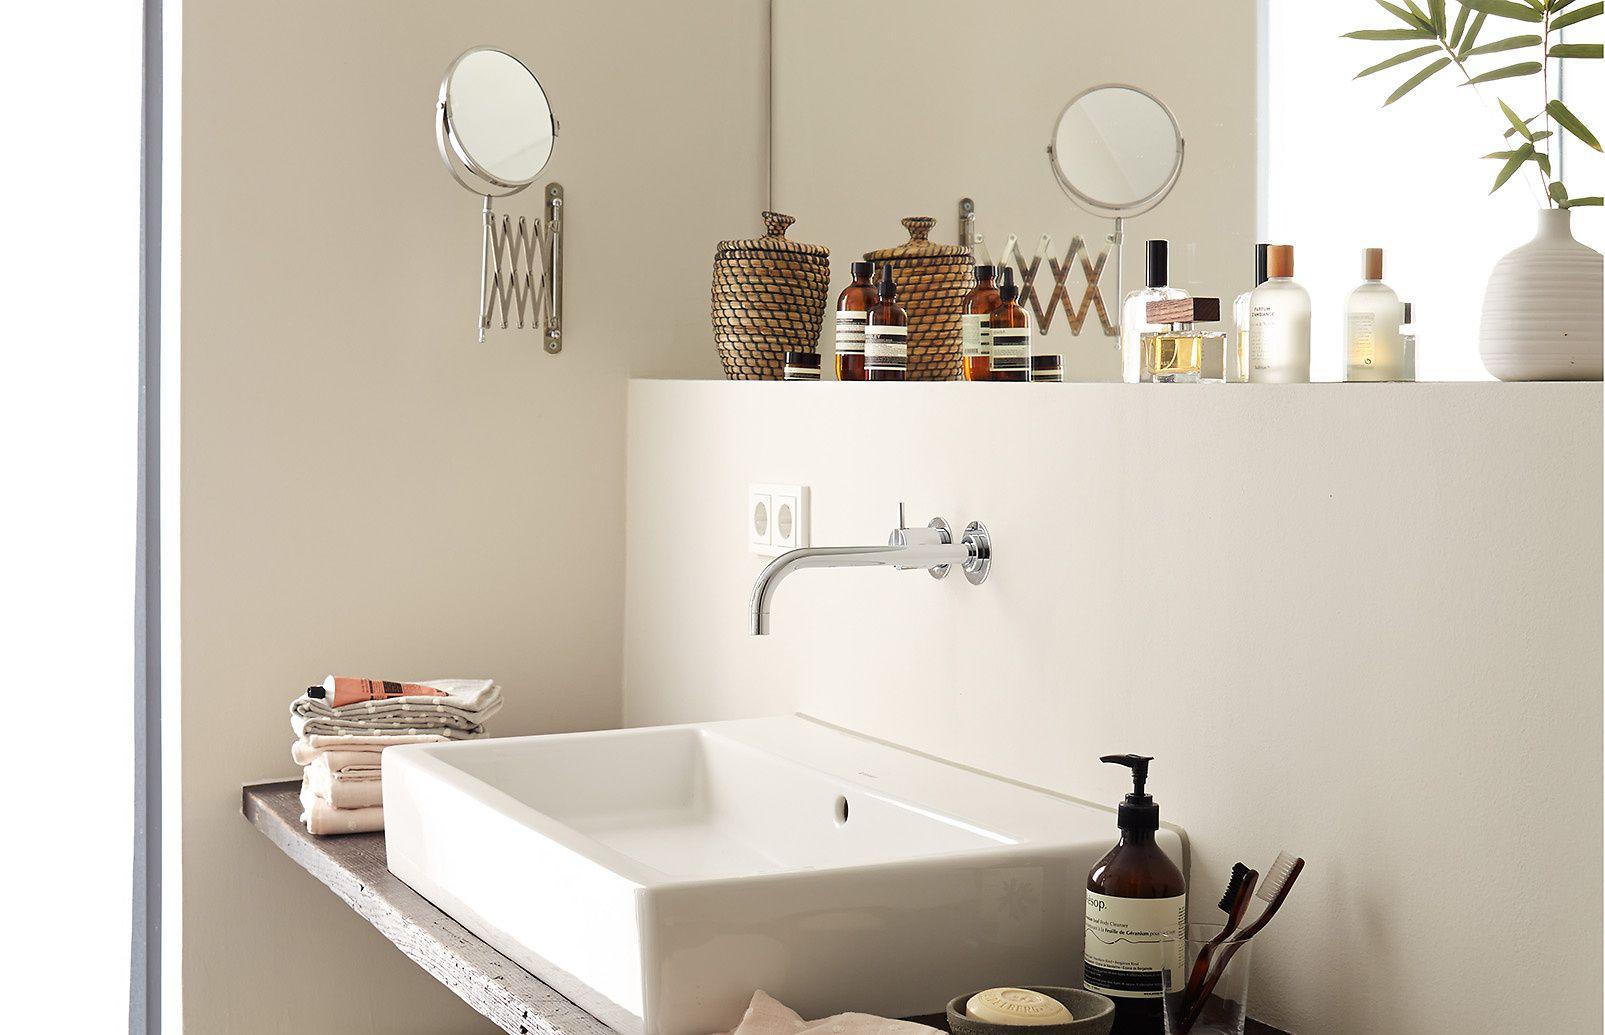 Premium Wandfarbe Braun Hellbeige Alpina Feine Farben Elegante Gelassenheit Feine Farben Wandfarbe Farben Und Tapeten